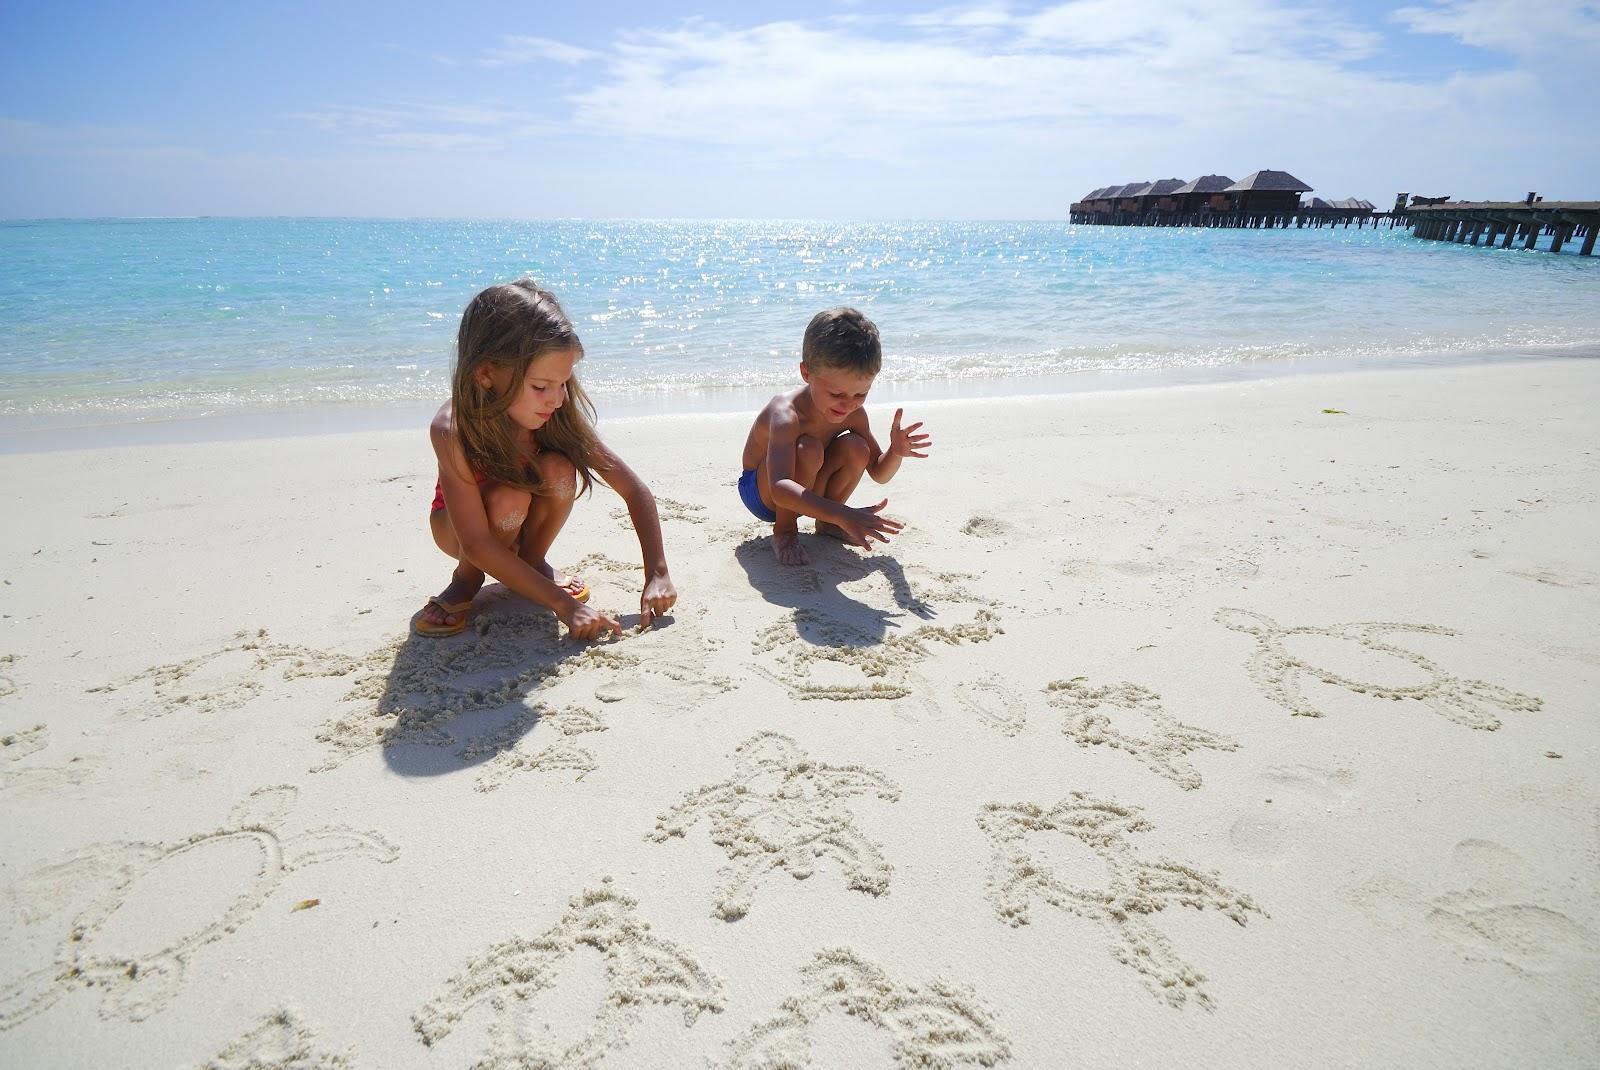 روعه السفر الي جزر المالديف مع الاطفال (4)